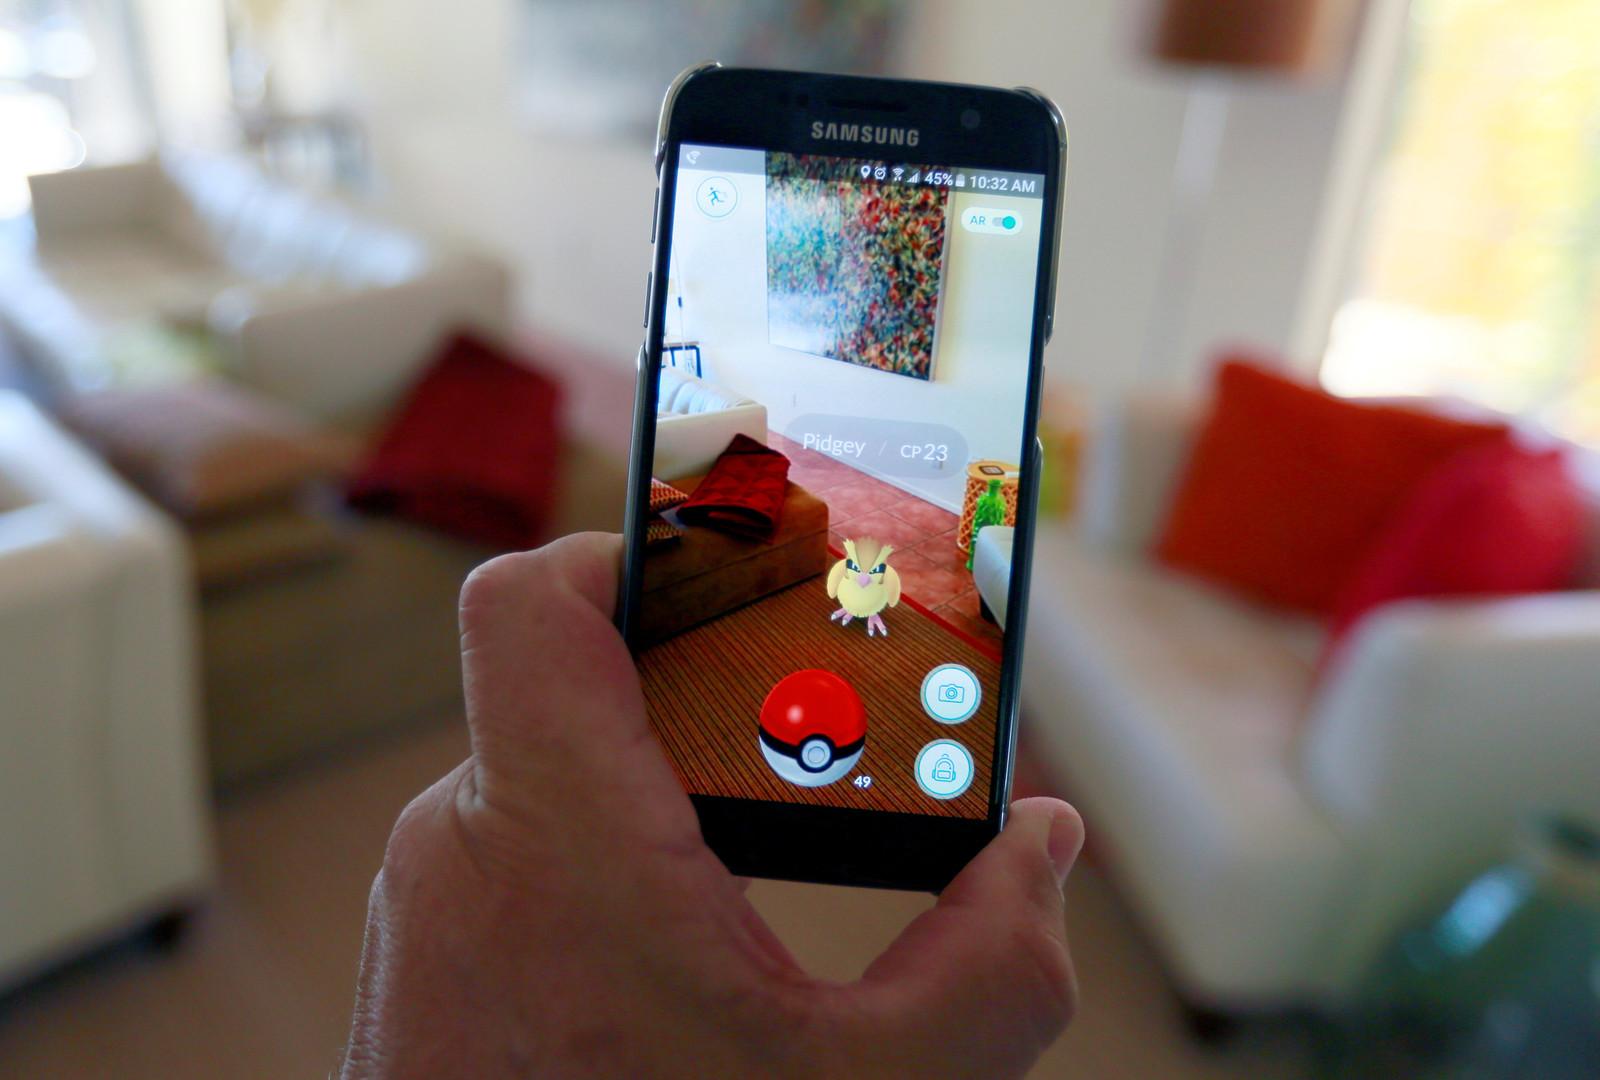 Игра для мобильных устройств Pokemon GO захватывает мир. Теперь все ловят покемонов.